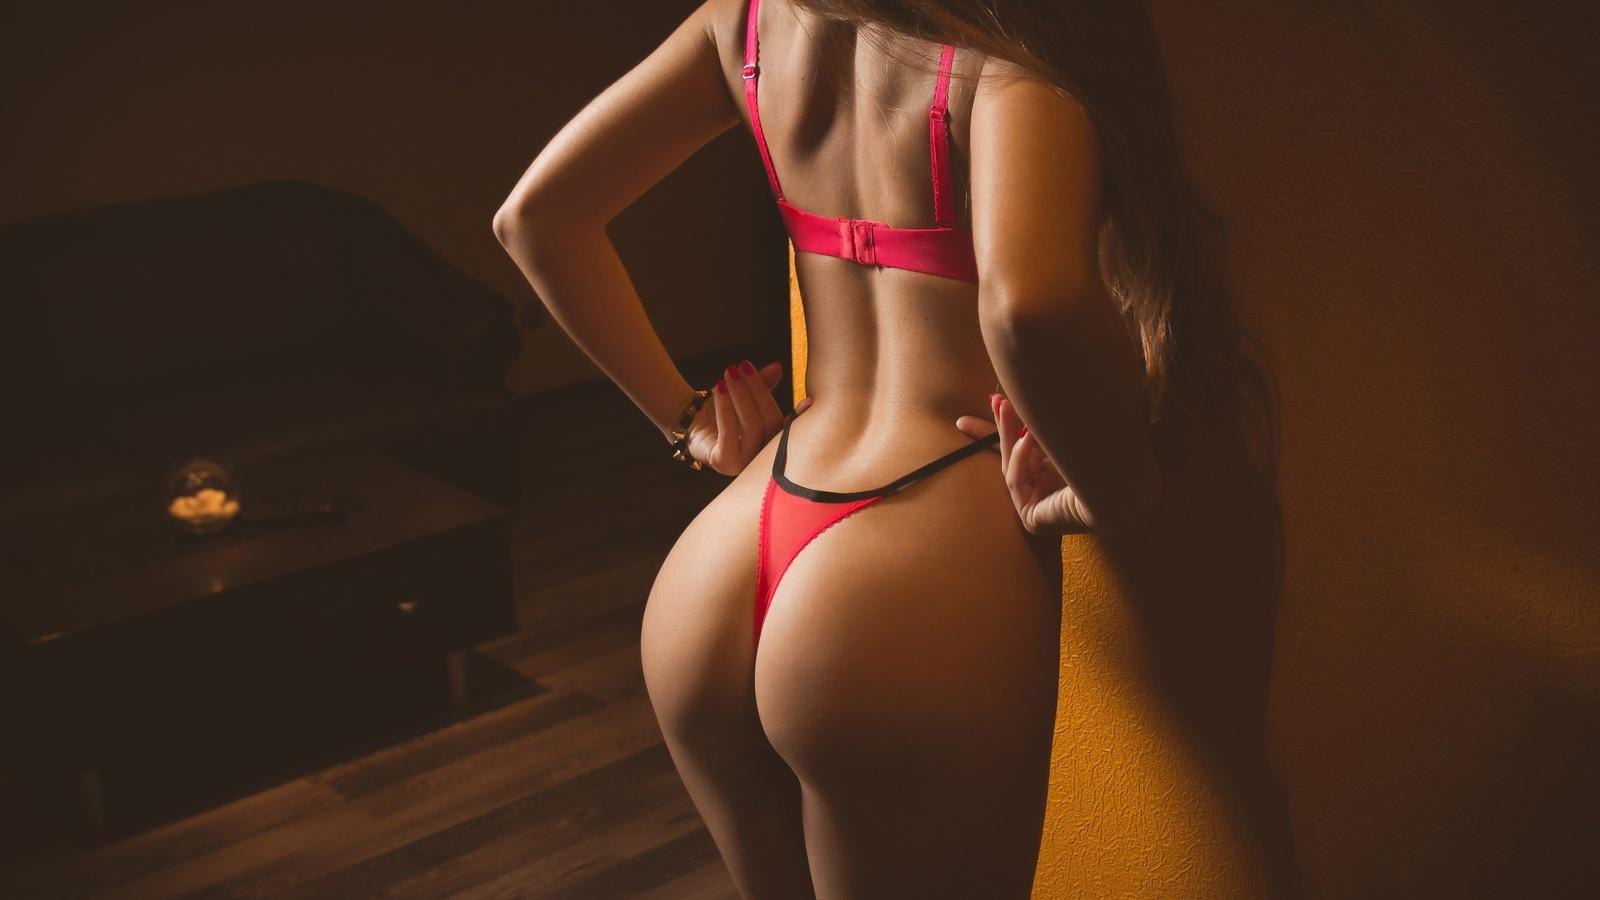 Секс с девушками с красивыми попками, Красивые попки - Приятные голые попки девушек на 21 фотография